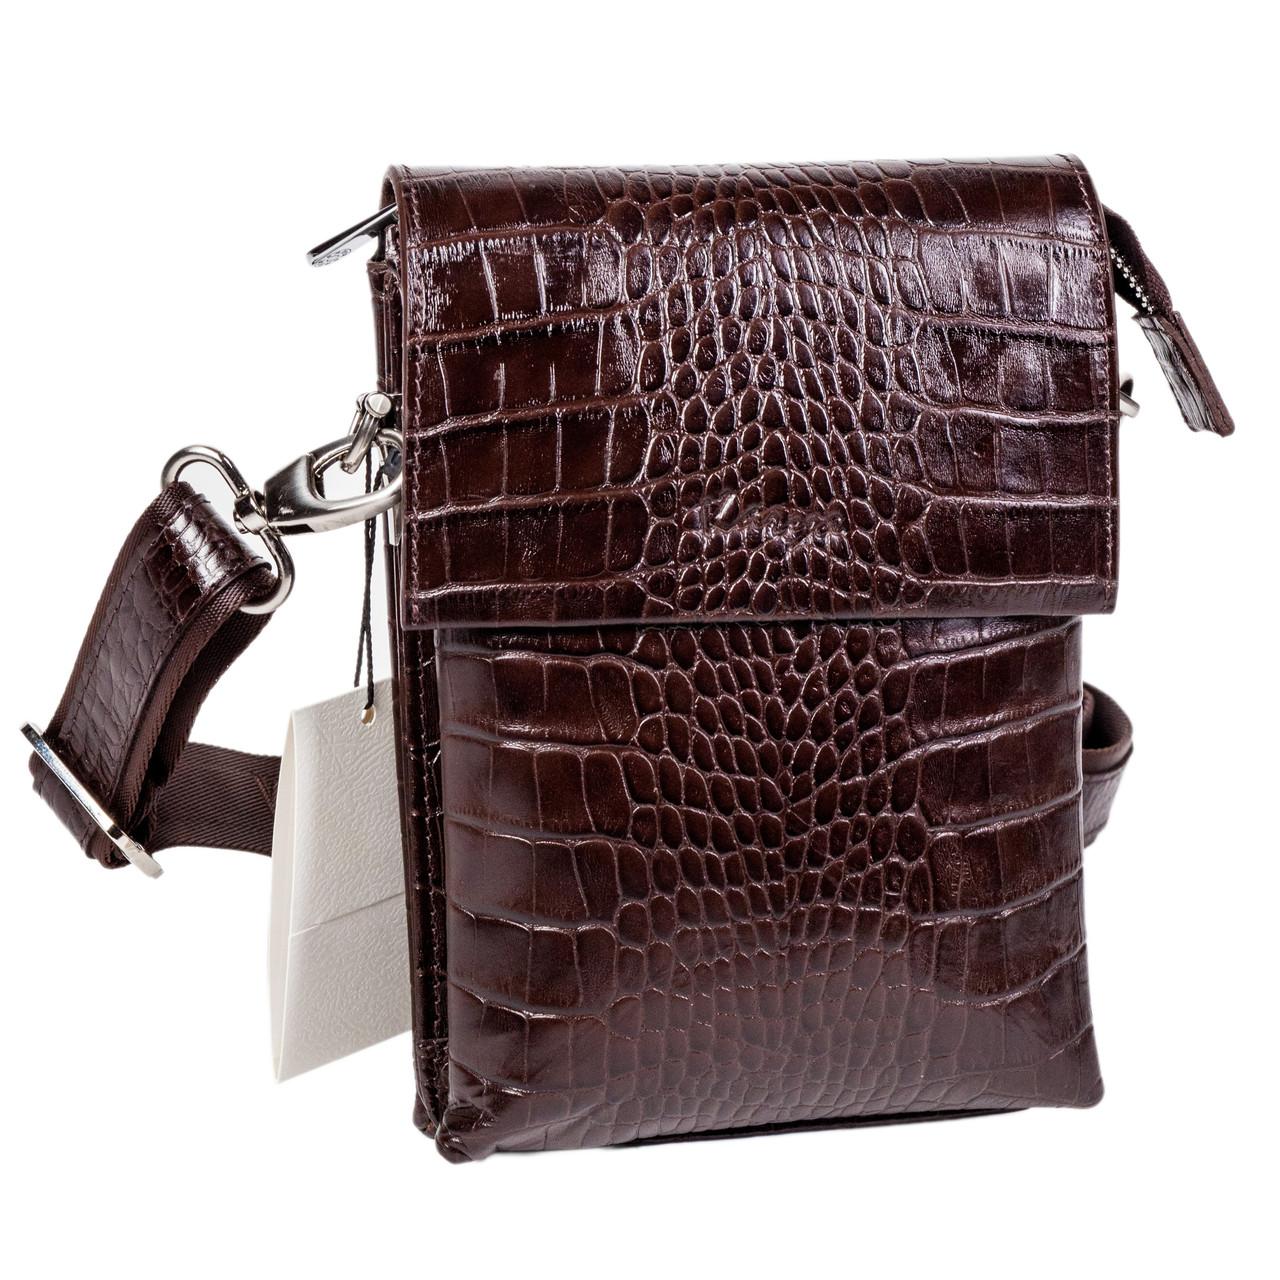 Мужская сумка Karya 0565-57 через плечо кожаная коричневая